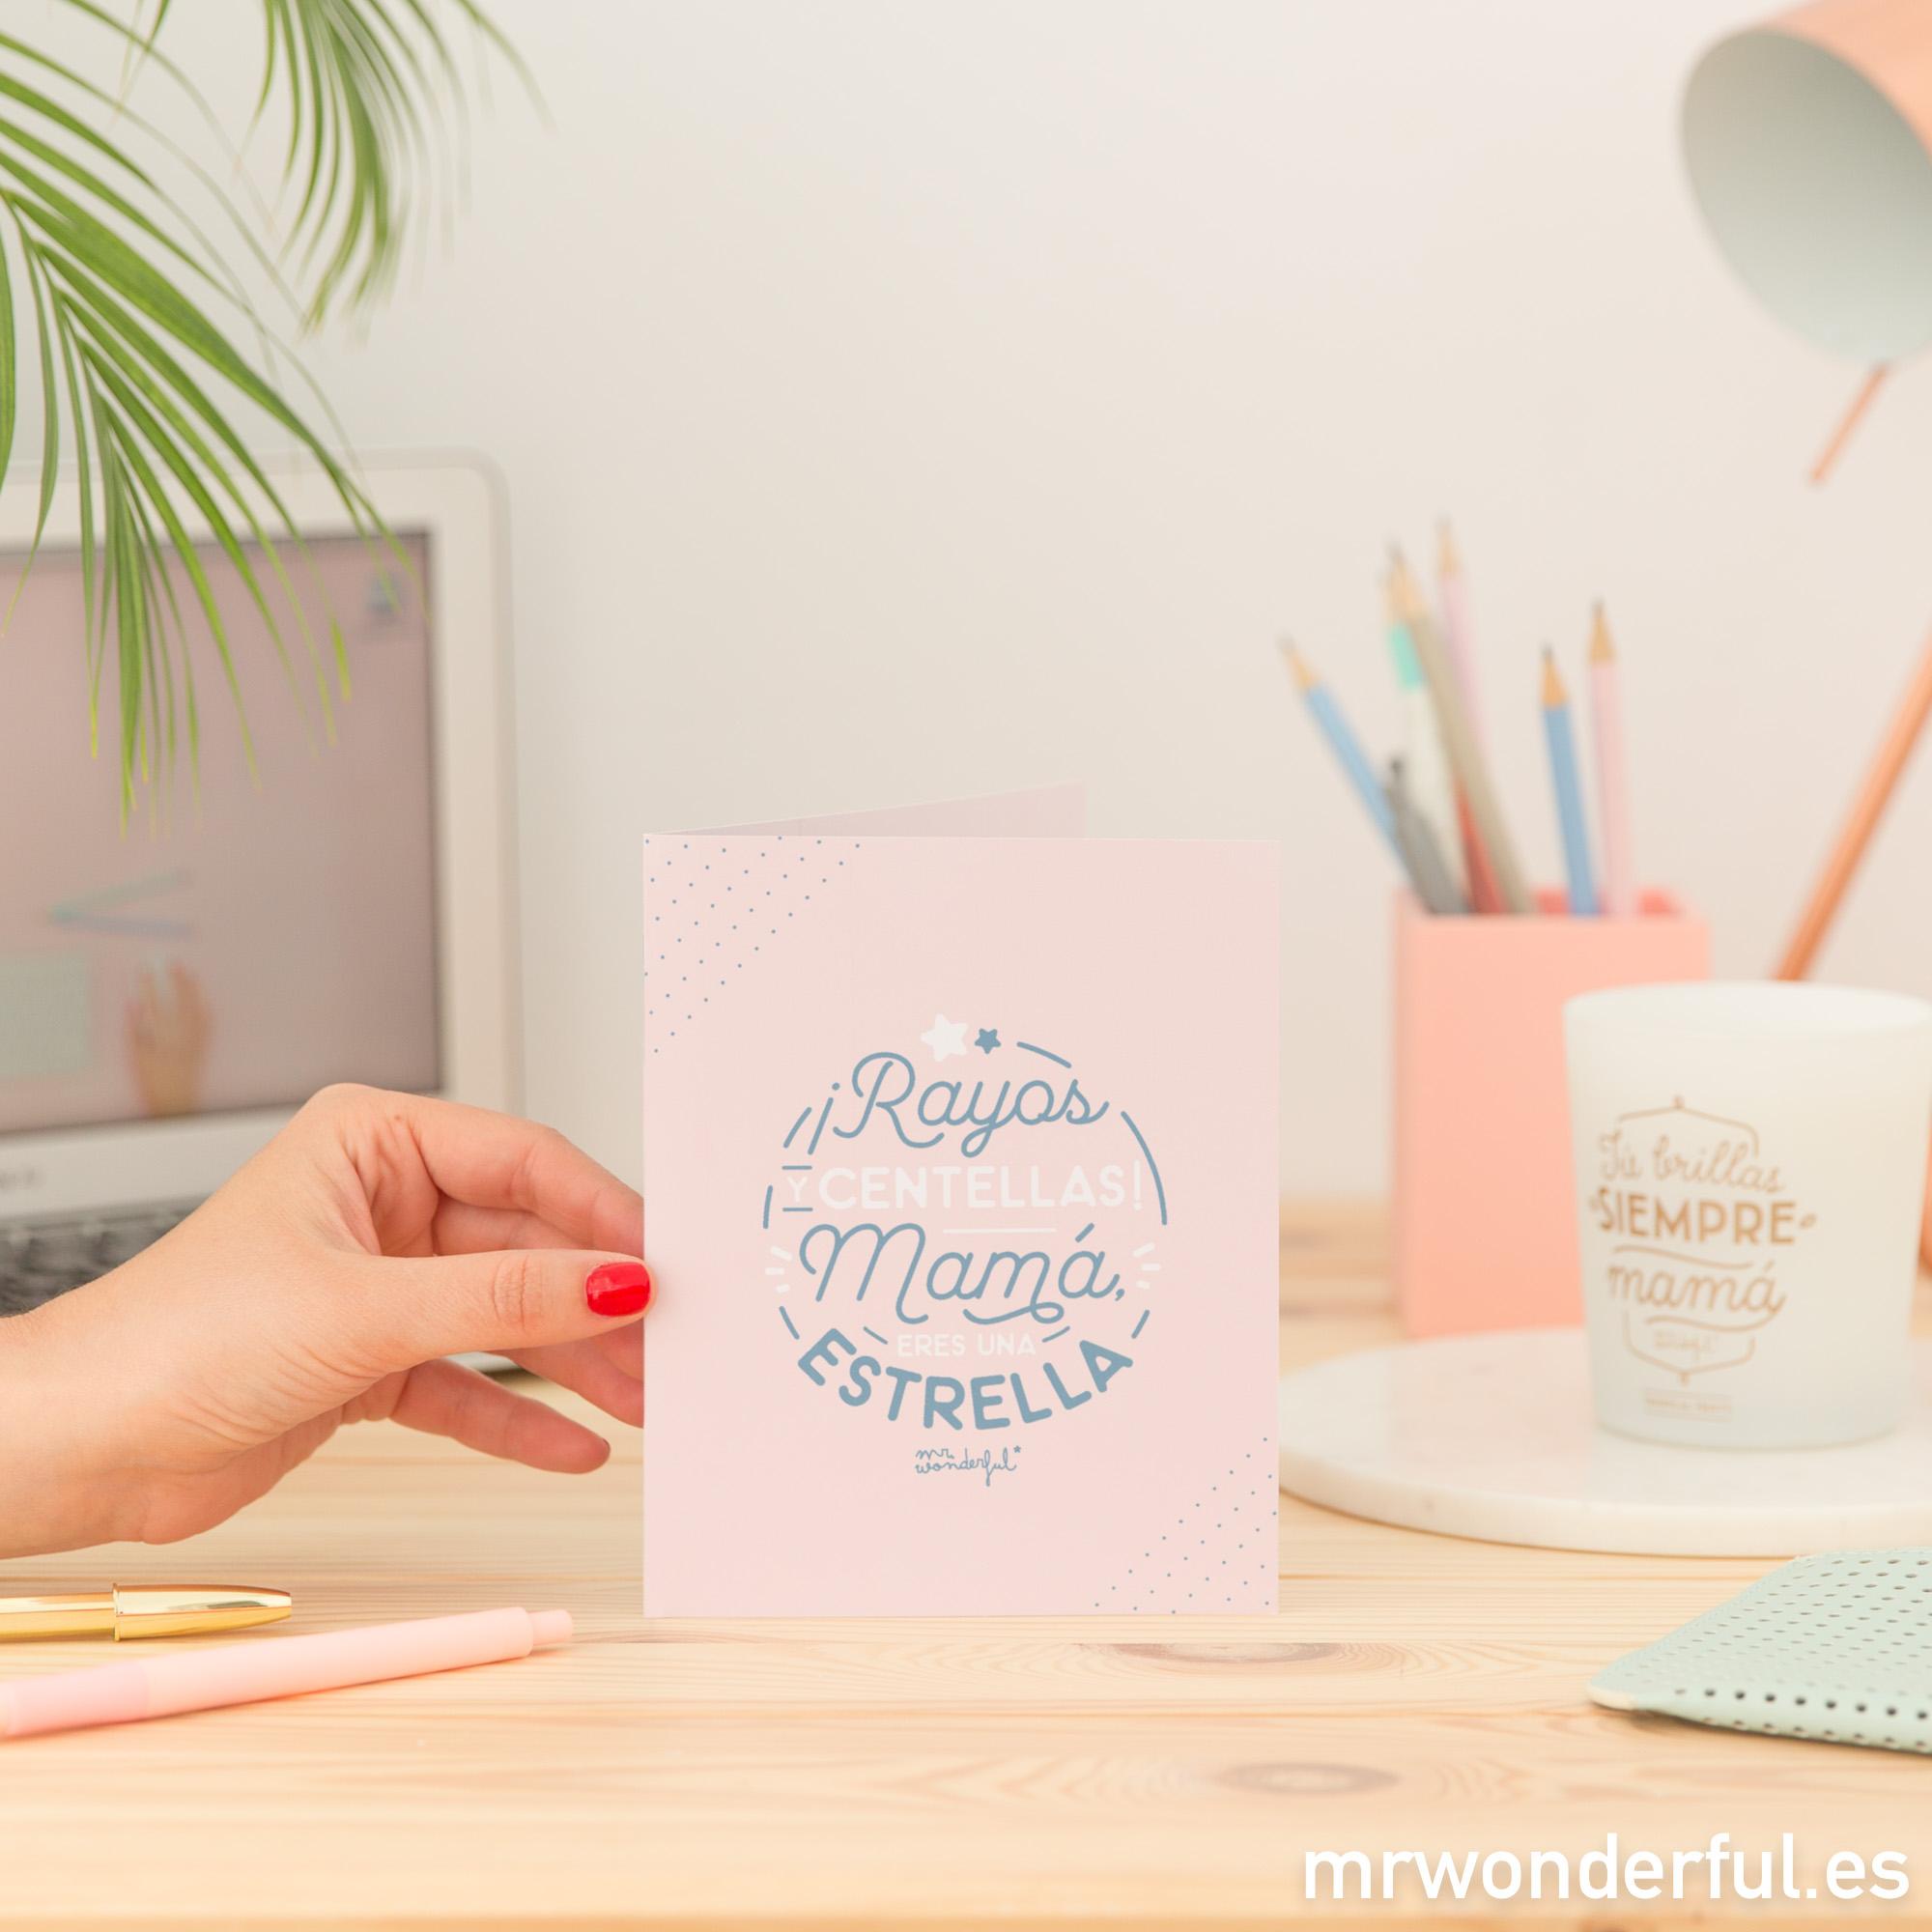 mrwonderful_descargable_postal-madre_2017-12-editar